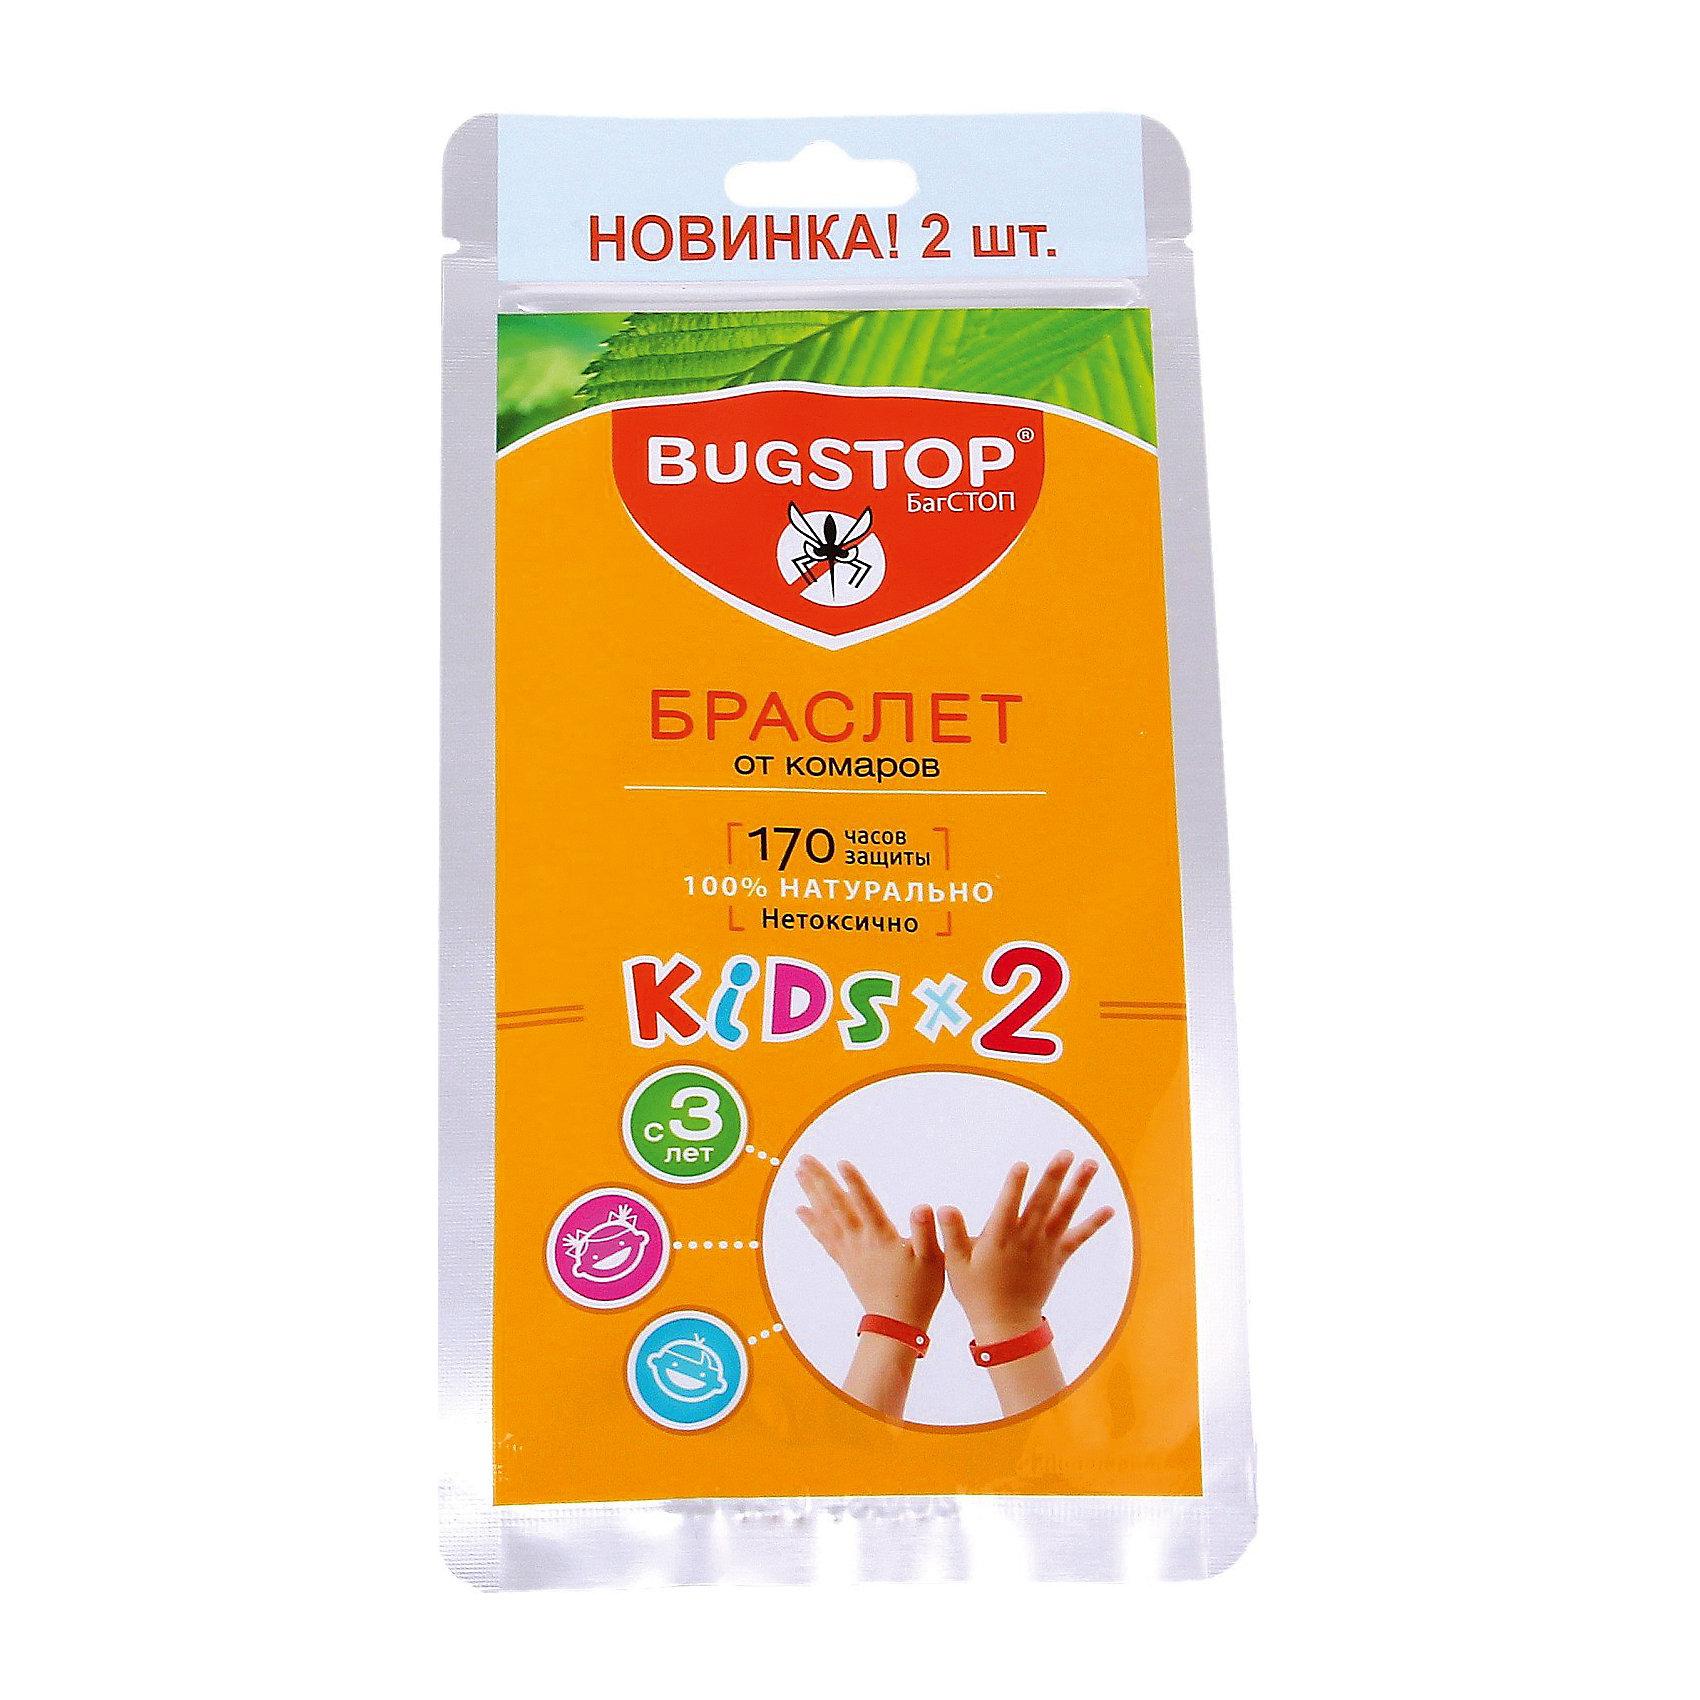 Детский браслет от комаров KIDS*2, BugSTOPСредства защиты от солнца и насекомых<br>Браслет от комаров марки BugStop (БагСТОП) Kids*2 -- универсальный браслет для взрослых с одной кнопкой, <br>Изготовлен из микрофибры, 20% от объма составл.пропитка маслом травы цитронеллы.                                           В действии испарение паров репеллента не позволяет комарам приблизиться, обеспечивая индивид.защиту в радиусе до 3 метров.  Рекомендован к использованию на открытом воздухе. Для сохранения действия может храниться в заводской фольгированной упаковке, снабженной замком. Общий срок службы не менее 170 ч. защиты.    Специфических противопоказаний не имеет. рекомендован к использованию на открытом воздухе.<br><br>Дополнительная информация:<br><br>В комплекте 2 браслета<br>Размер: 18 см х 1.5 см<br>Застежка: 1 кнопка<br><br>Детский раслет от комаров KIDS*2, BugSTOP можно купить в нашем магазине.<br><br>Ширина мм: 100<br>Глубина мм: 4<br>Высота мм: 200<br>Вес г: 14<br>Возраст от месяцев: 36<br>Возраст до месяцев: 144<br>Пол: Унисекс<br>Возраст: Детский<br>SKU: 4667895